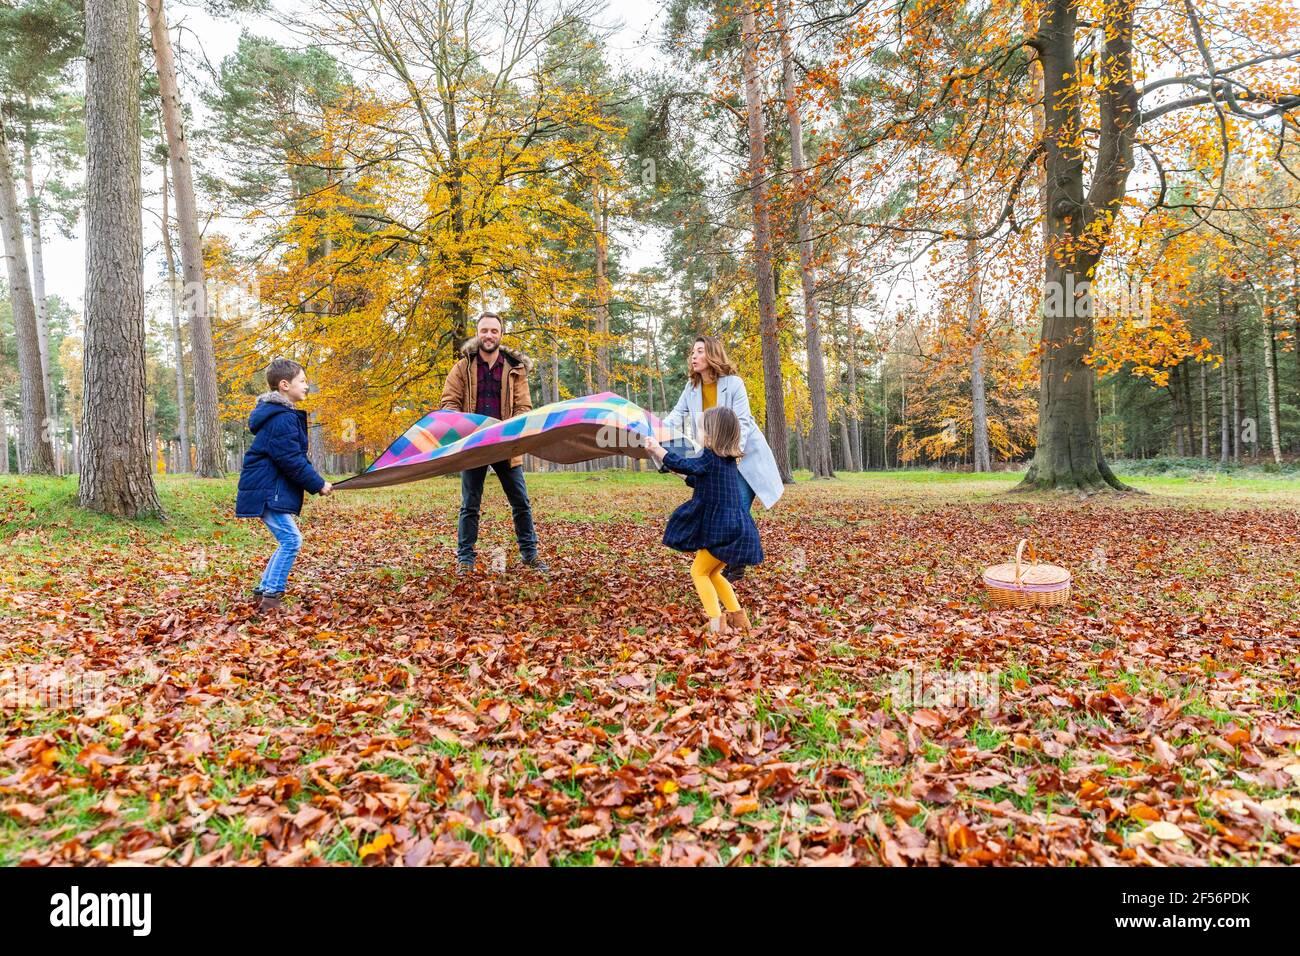 Famille tenant une couverture en se tenant dans la forêt pendant l'automne Banque D'Images